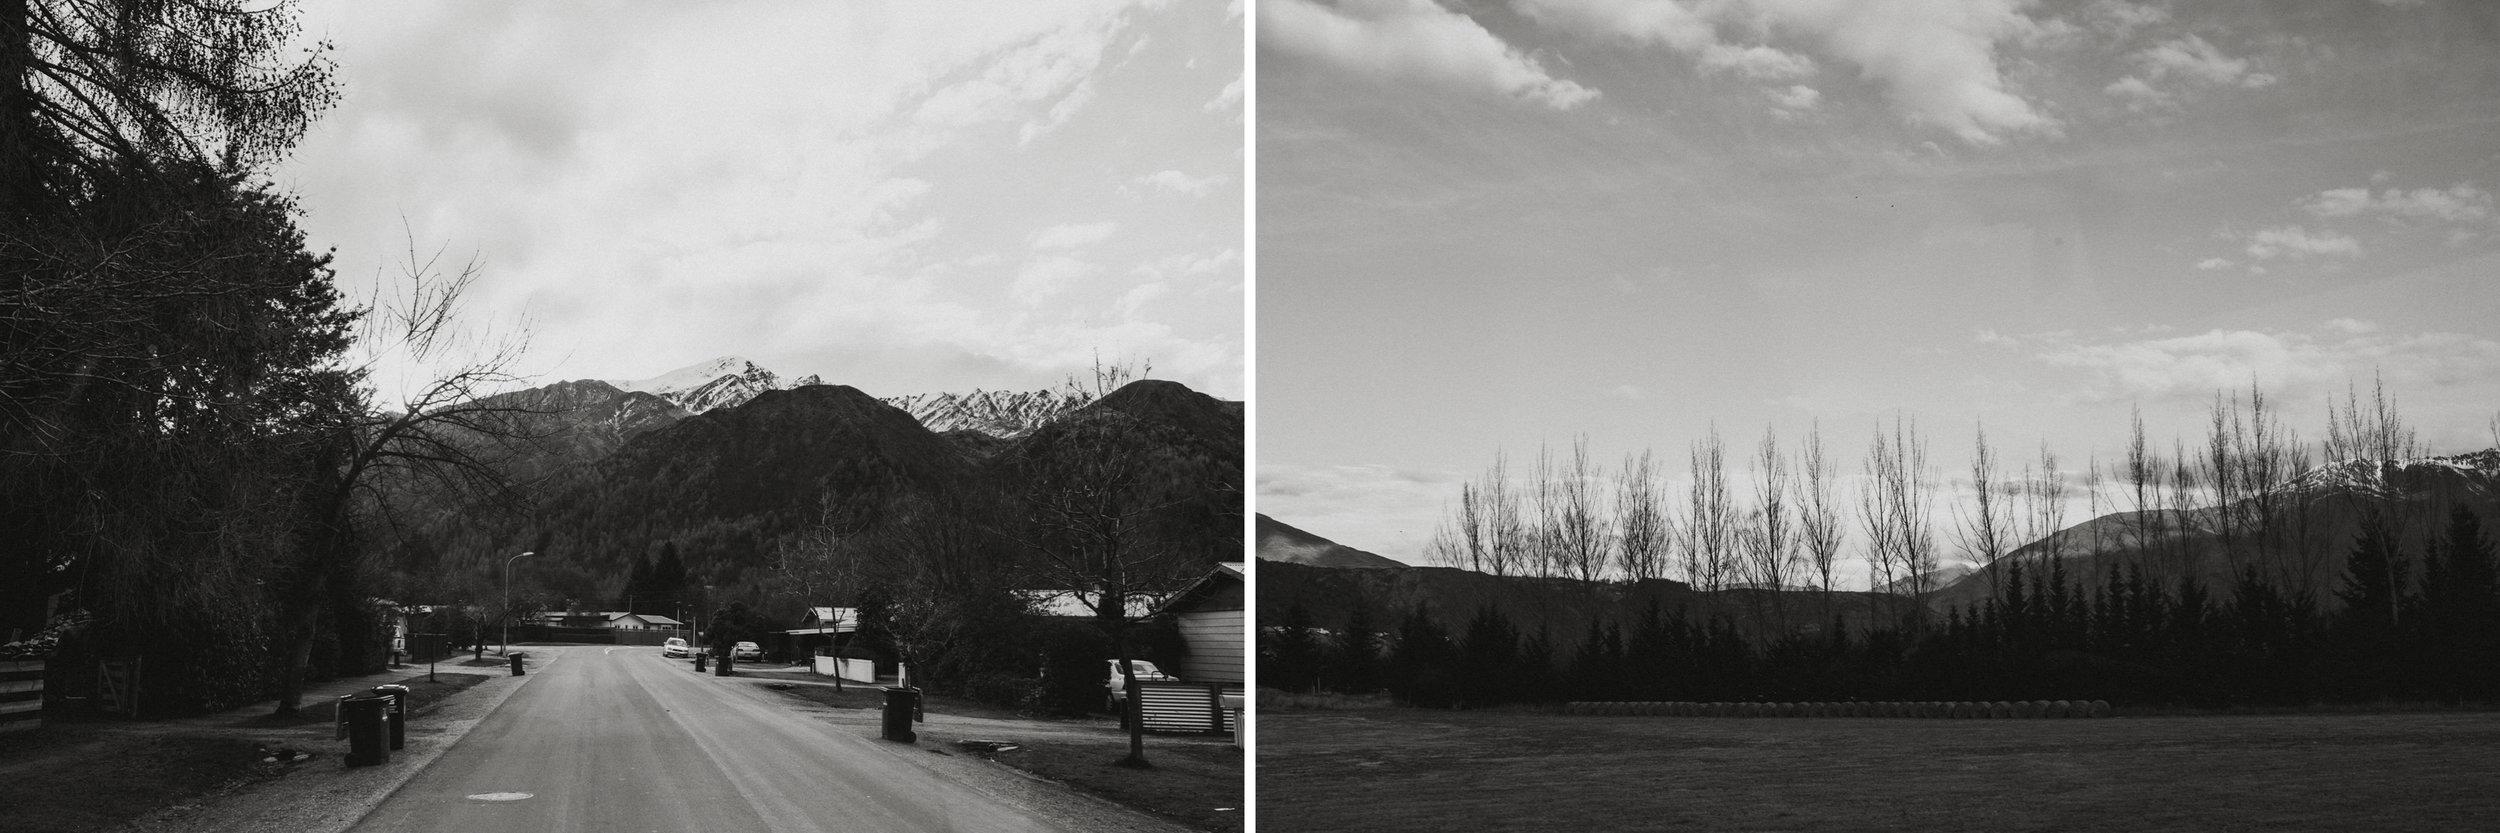 ElizaJadePhotography-18.jpg